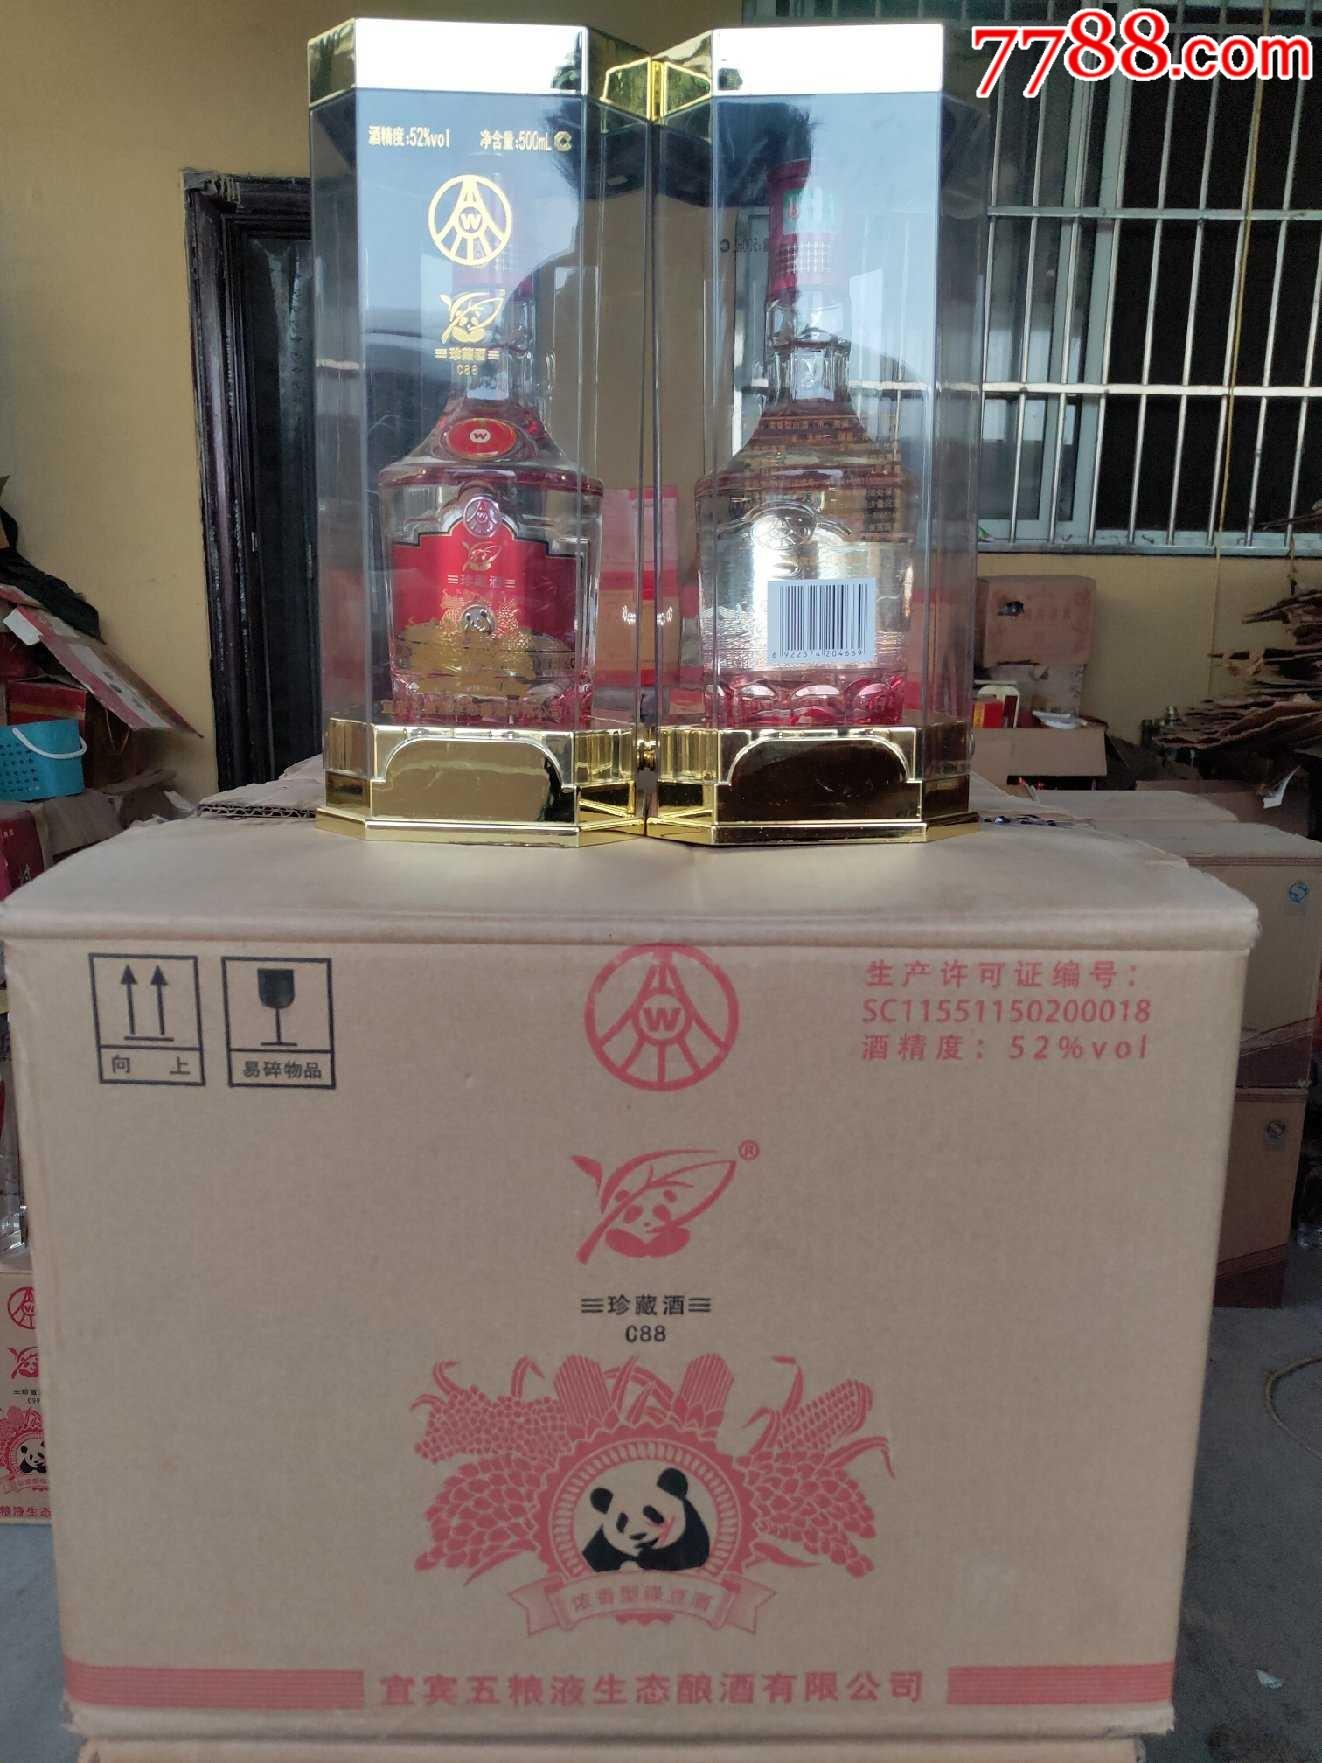 五�Z液集�F52度熊�牌�G豆酒一箱,整箱6瓶。(au21151630)_